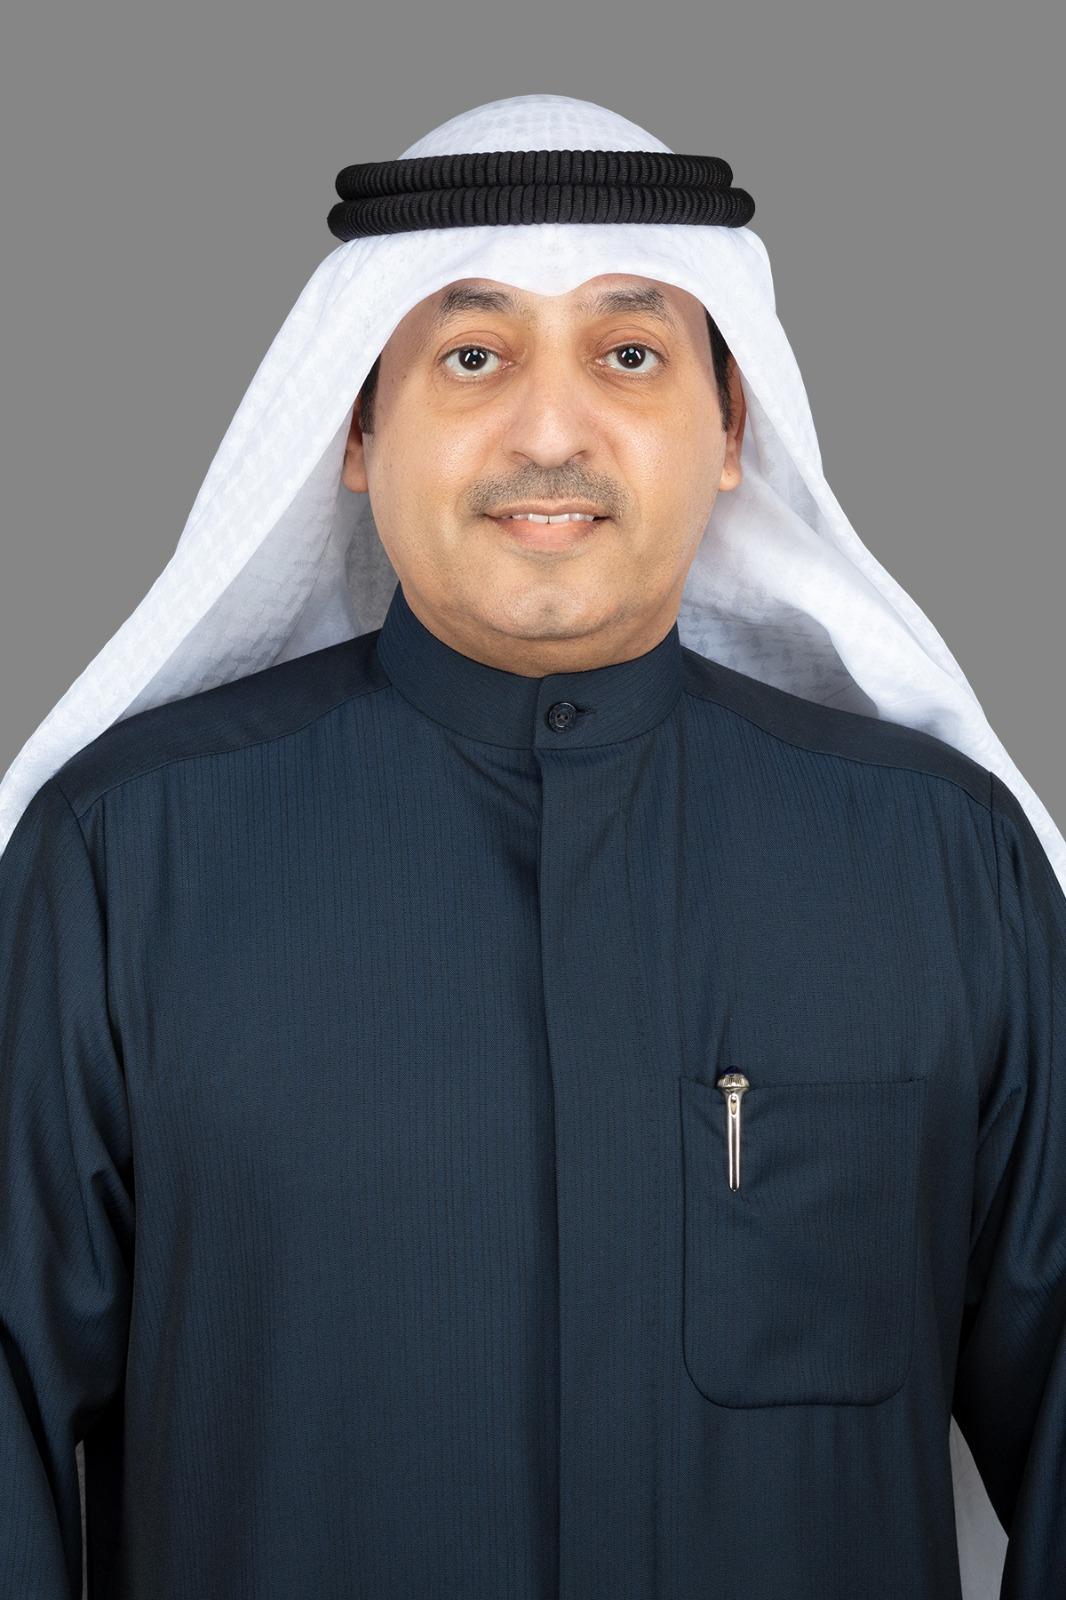 ٢٠٢١٠١١٣ ١١٥٩١٦ 1 - يوسف الغريب يقترح زيادة علاوة غلاء المعيشة بنسبة 100%.     #العبدلي_نيوز